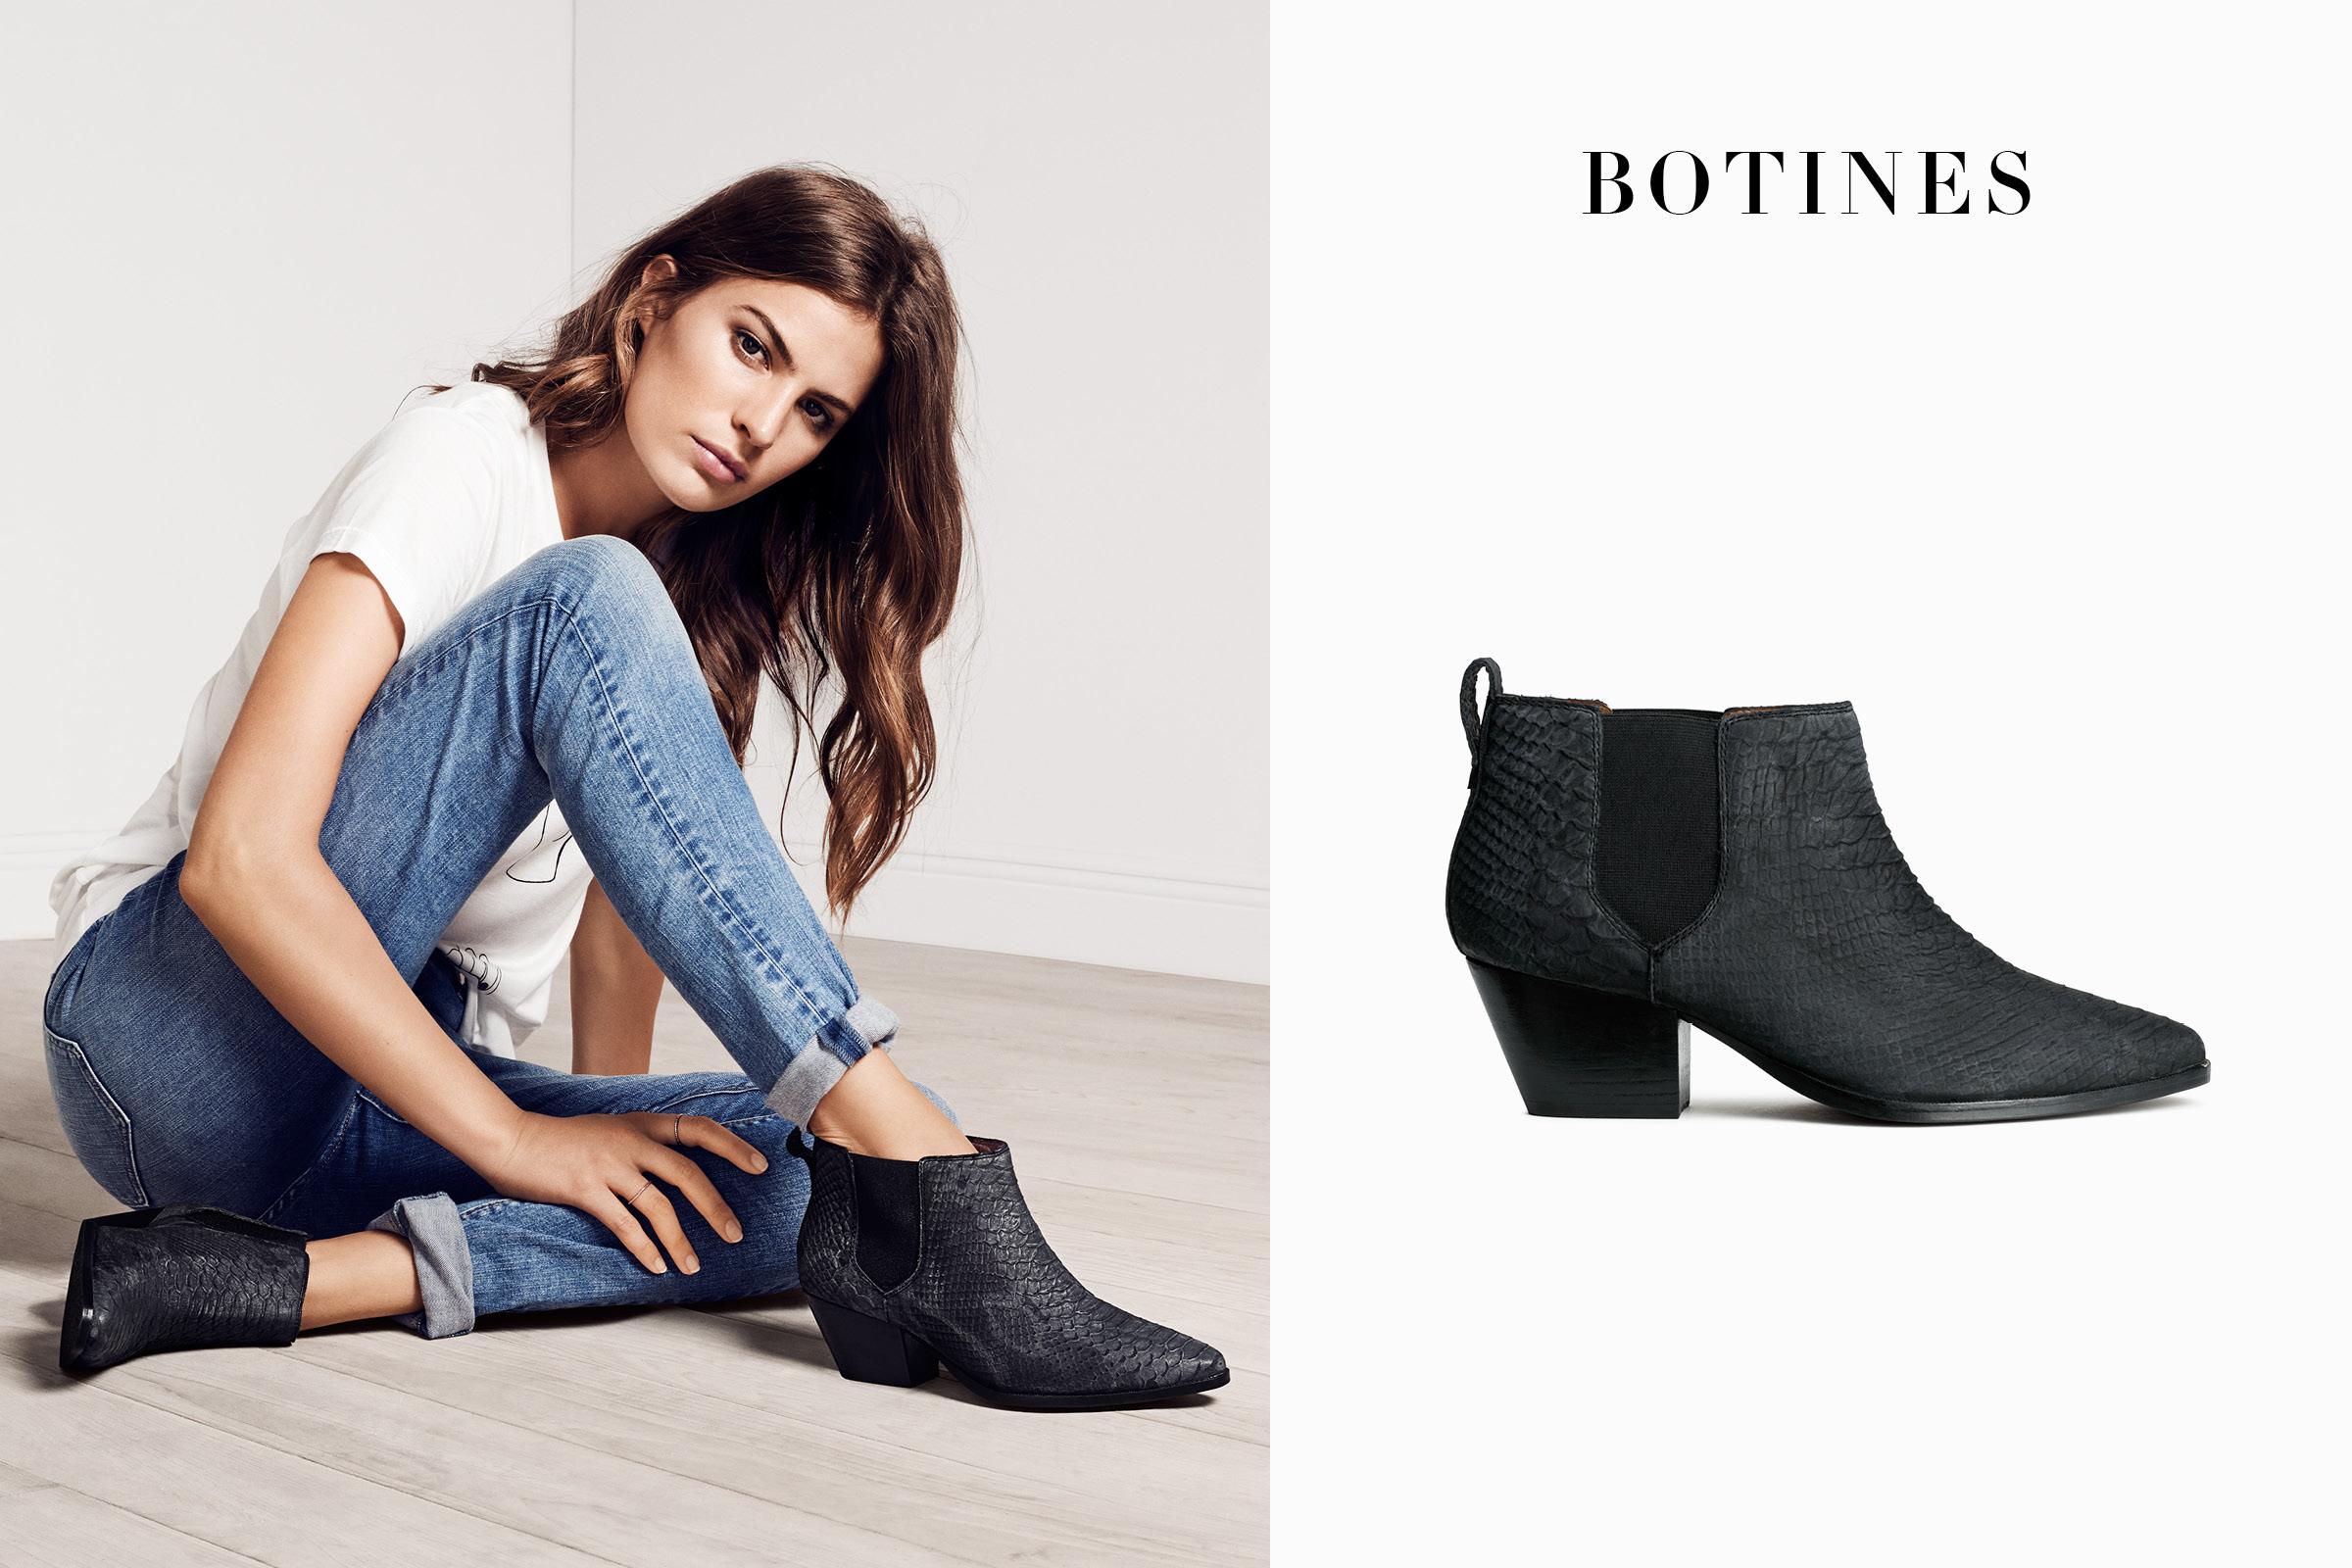 Botas y botines en la nueva colección Primavera 2015 de H&M